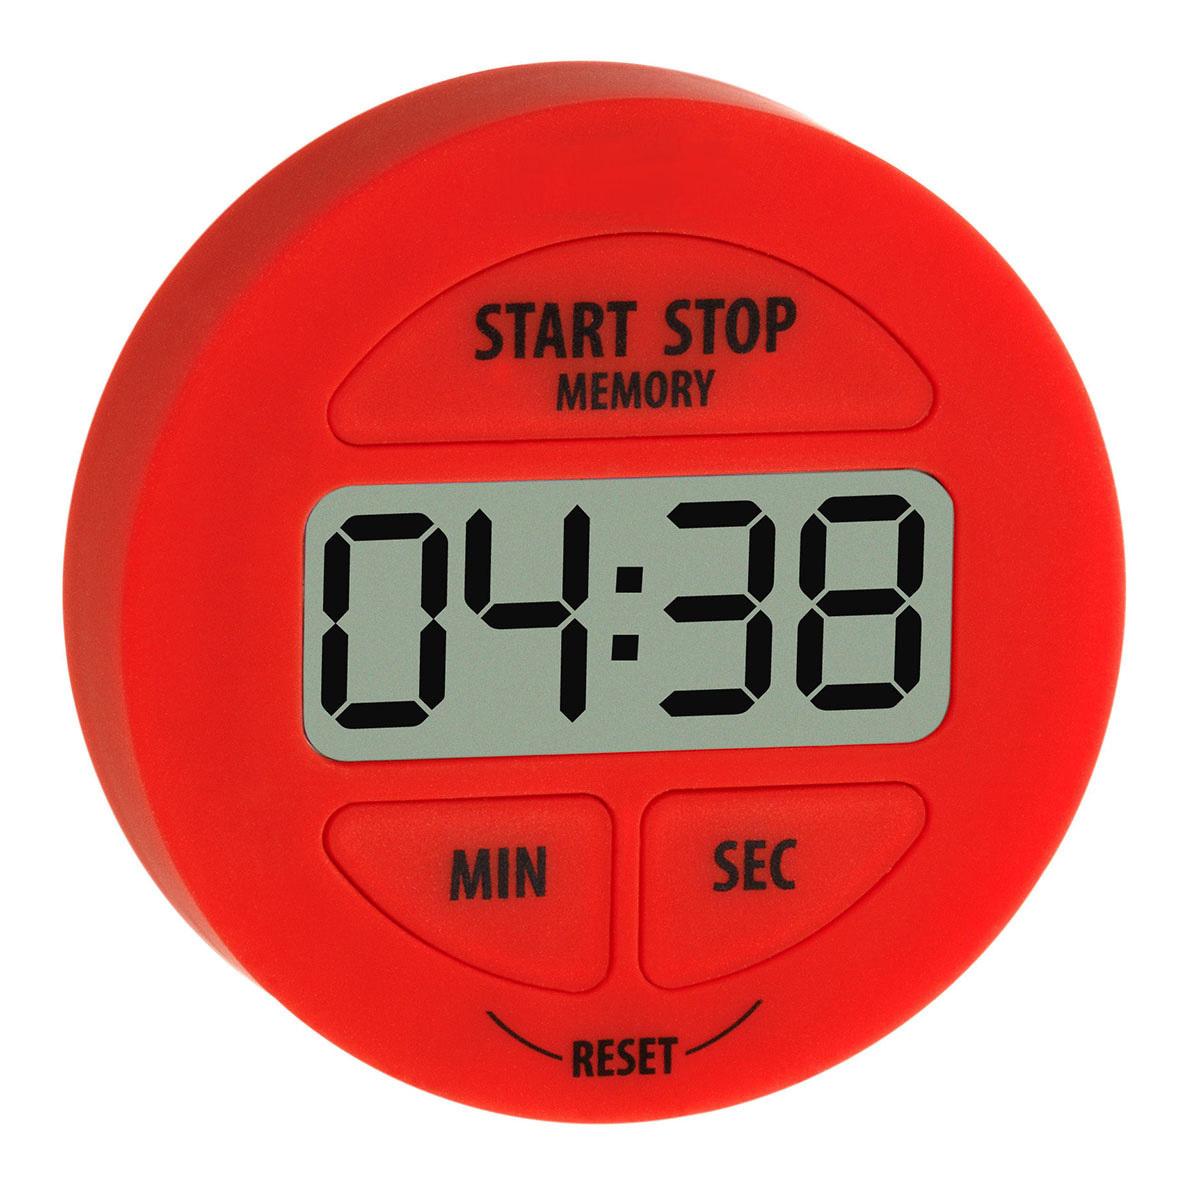 38-2022-05-digitaler-timer-stoppuhr-1200x1200px.jpg